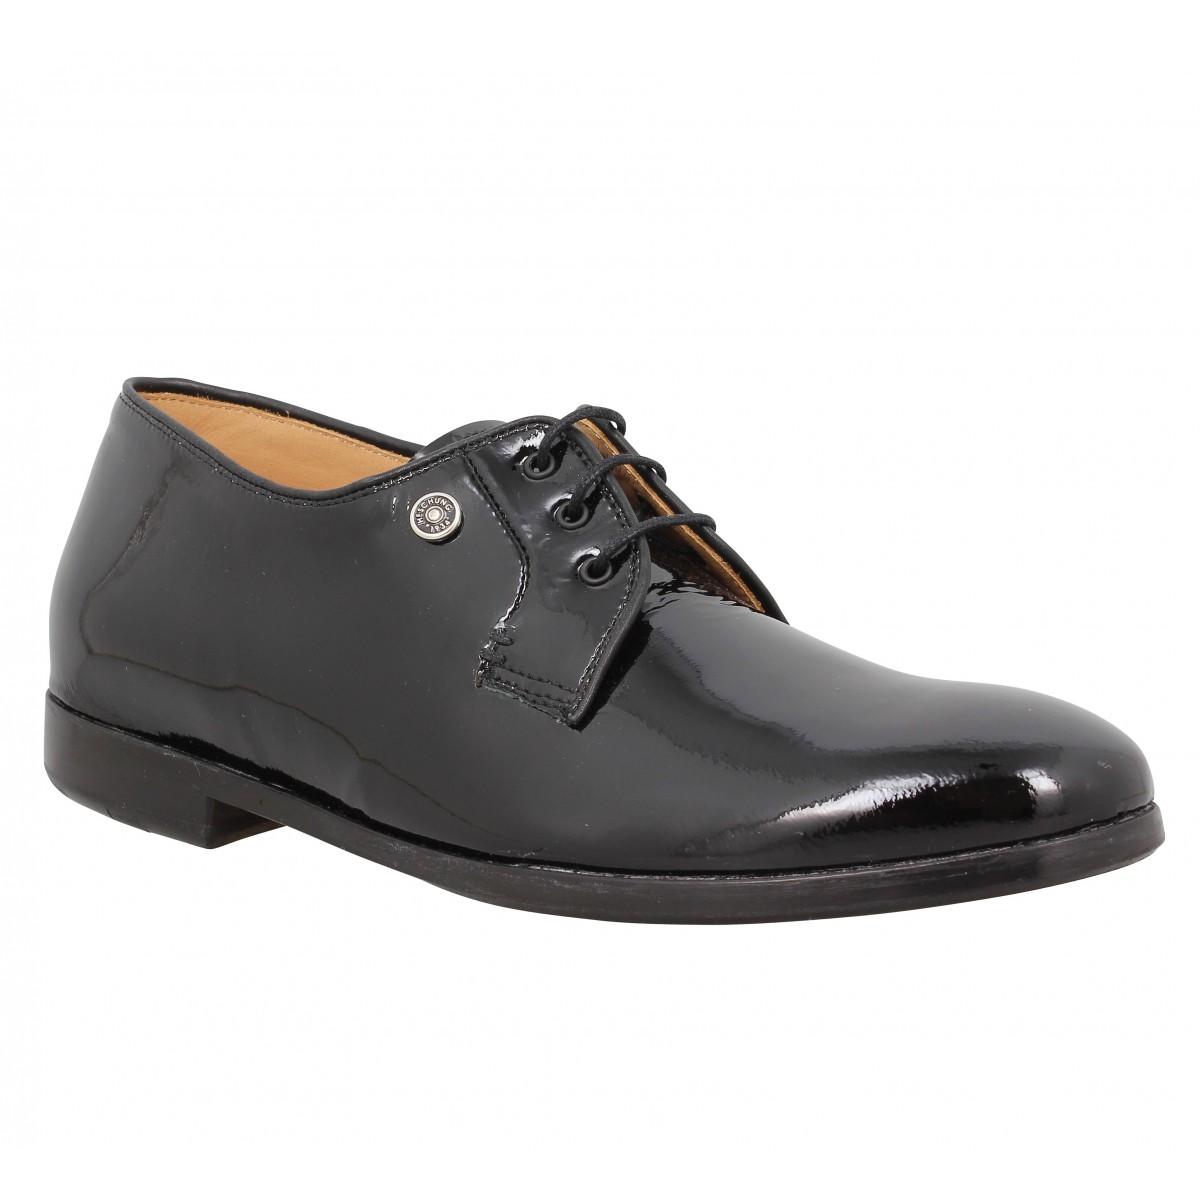 Chaussures à lacets HESCHUNG Jane vernis Femme Noir